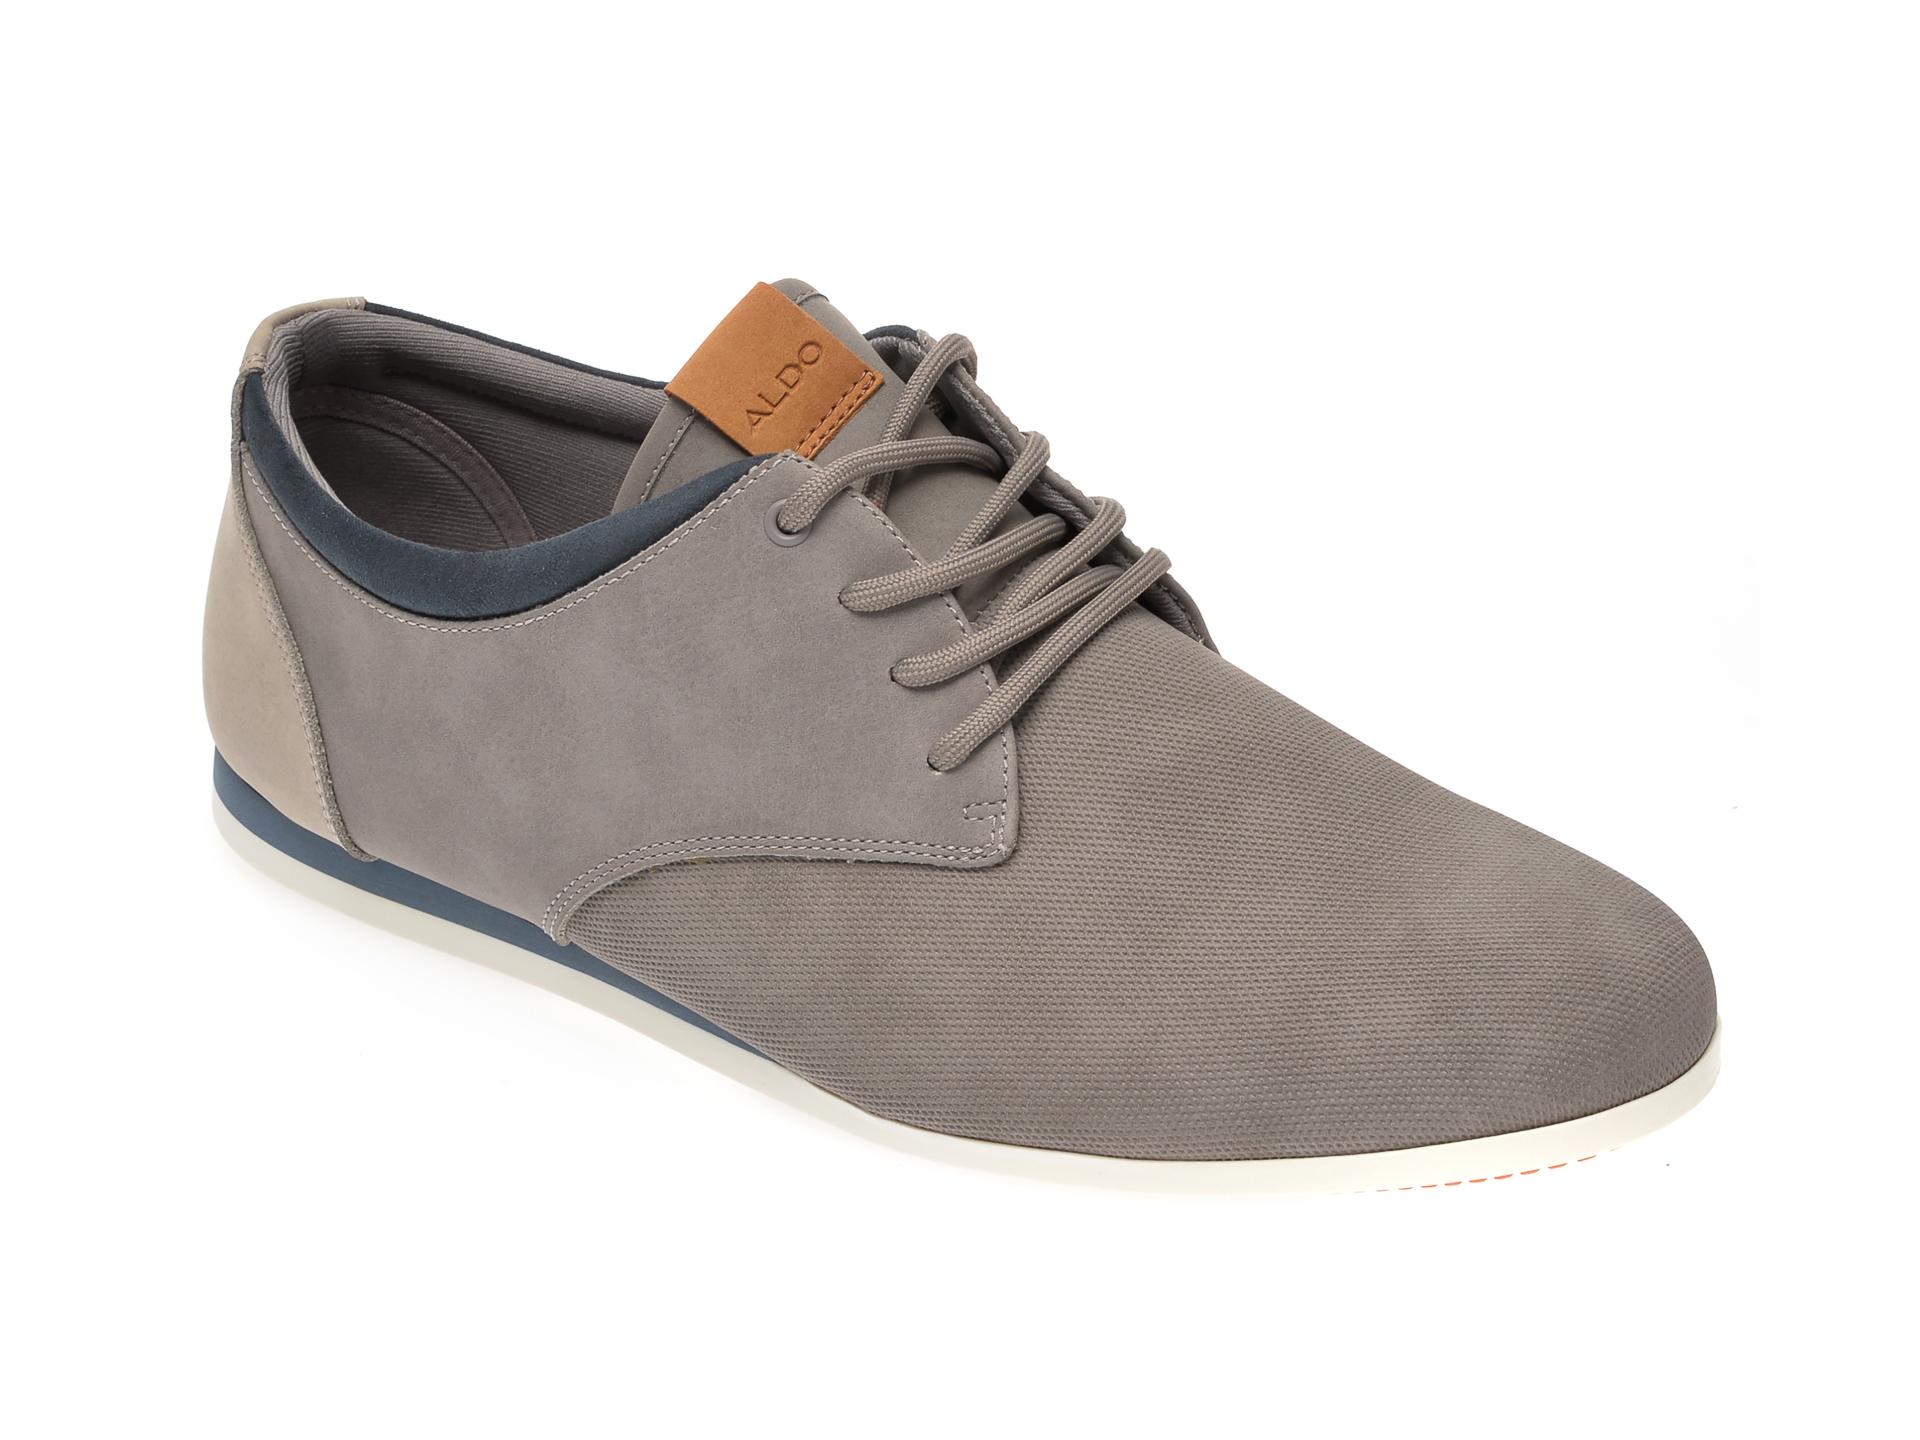 Pantofi ALDO gri, Aauwen-R020, din piele ecologica imagine